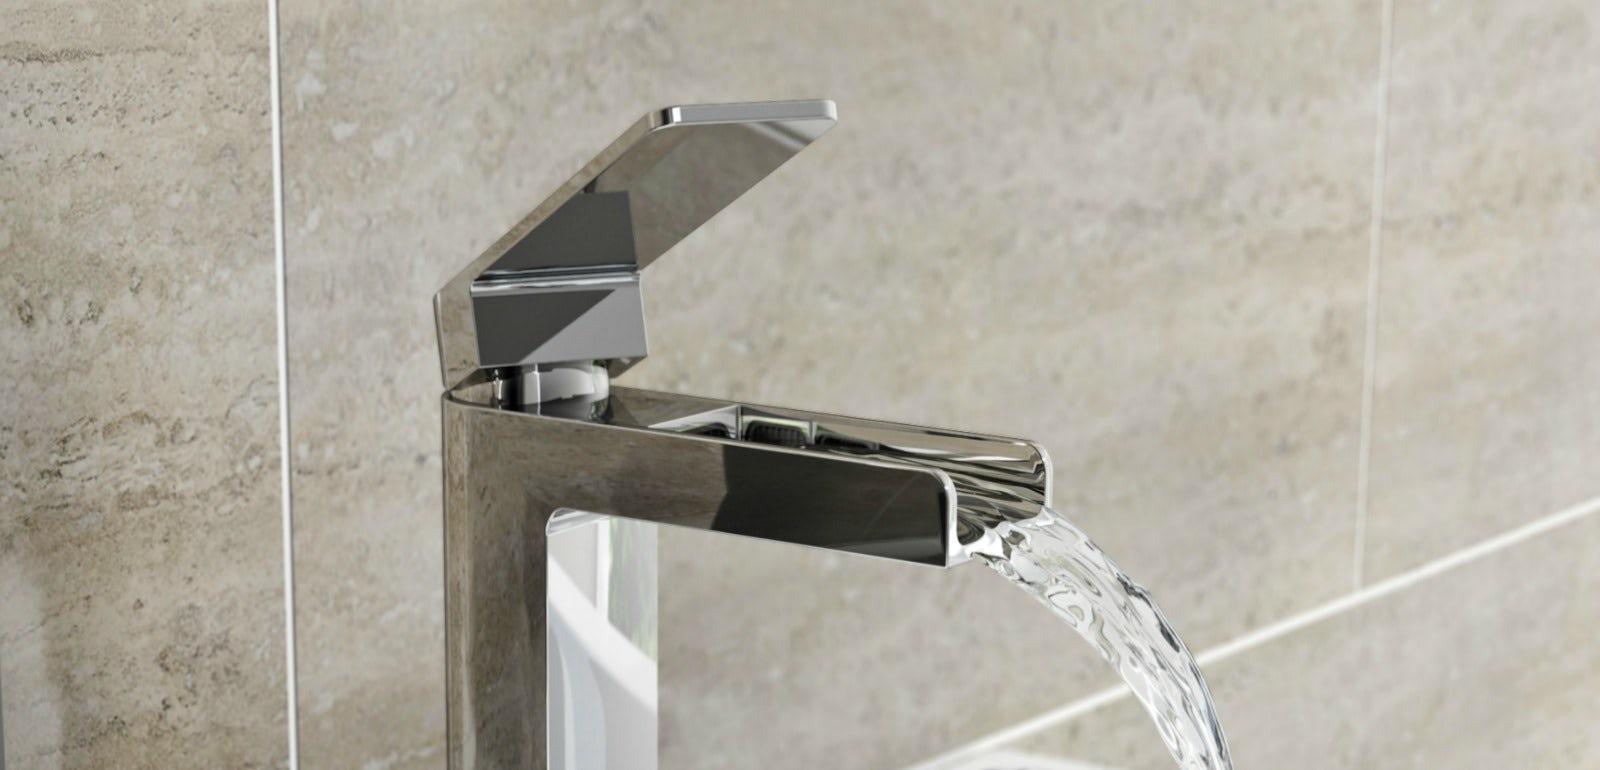 Waterfall basin mixer tap buying guide